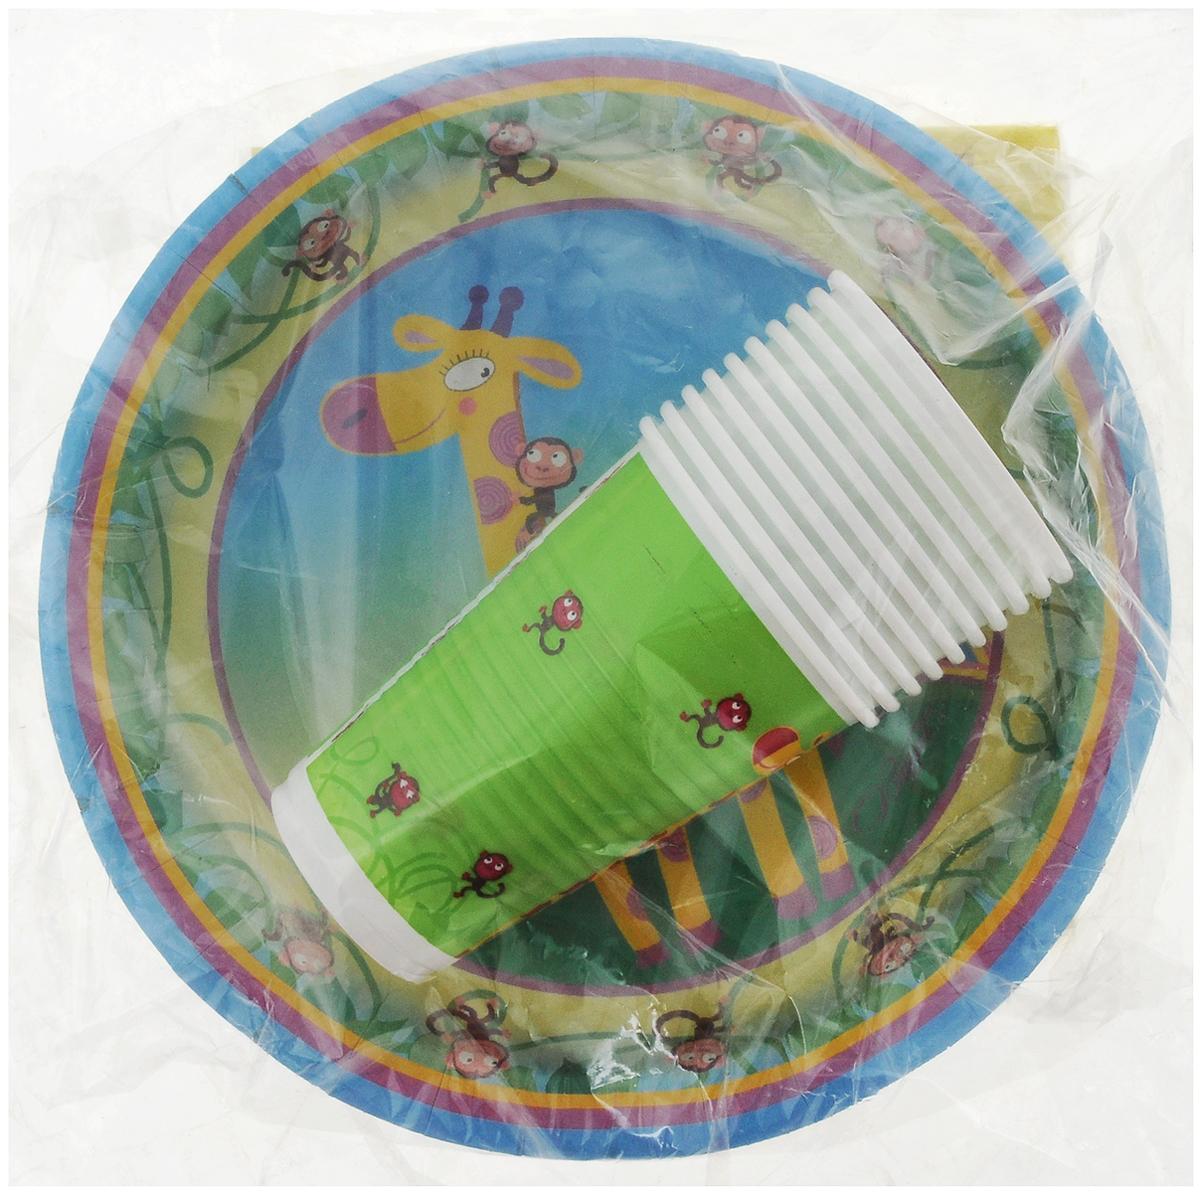 Набор одноразовой посуды Мистерия Детский, цвет: зеленый, 40 предметовОБЧ14457909Набор одноразовой посуды Мистерия Детский, цвет: зеленый, 40 предметов